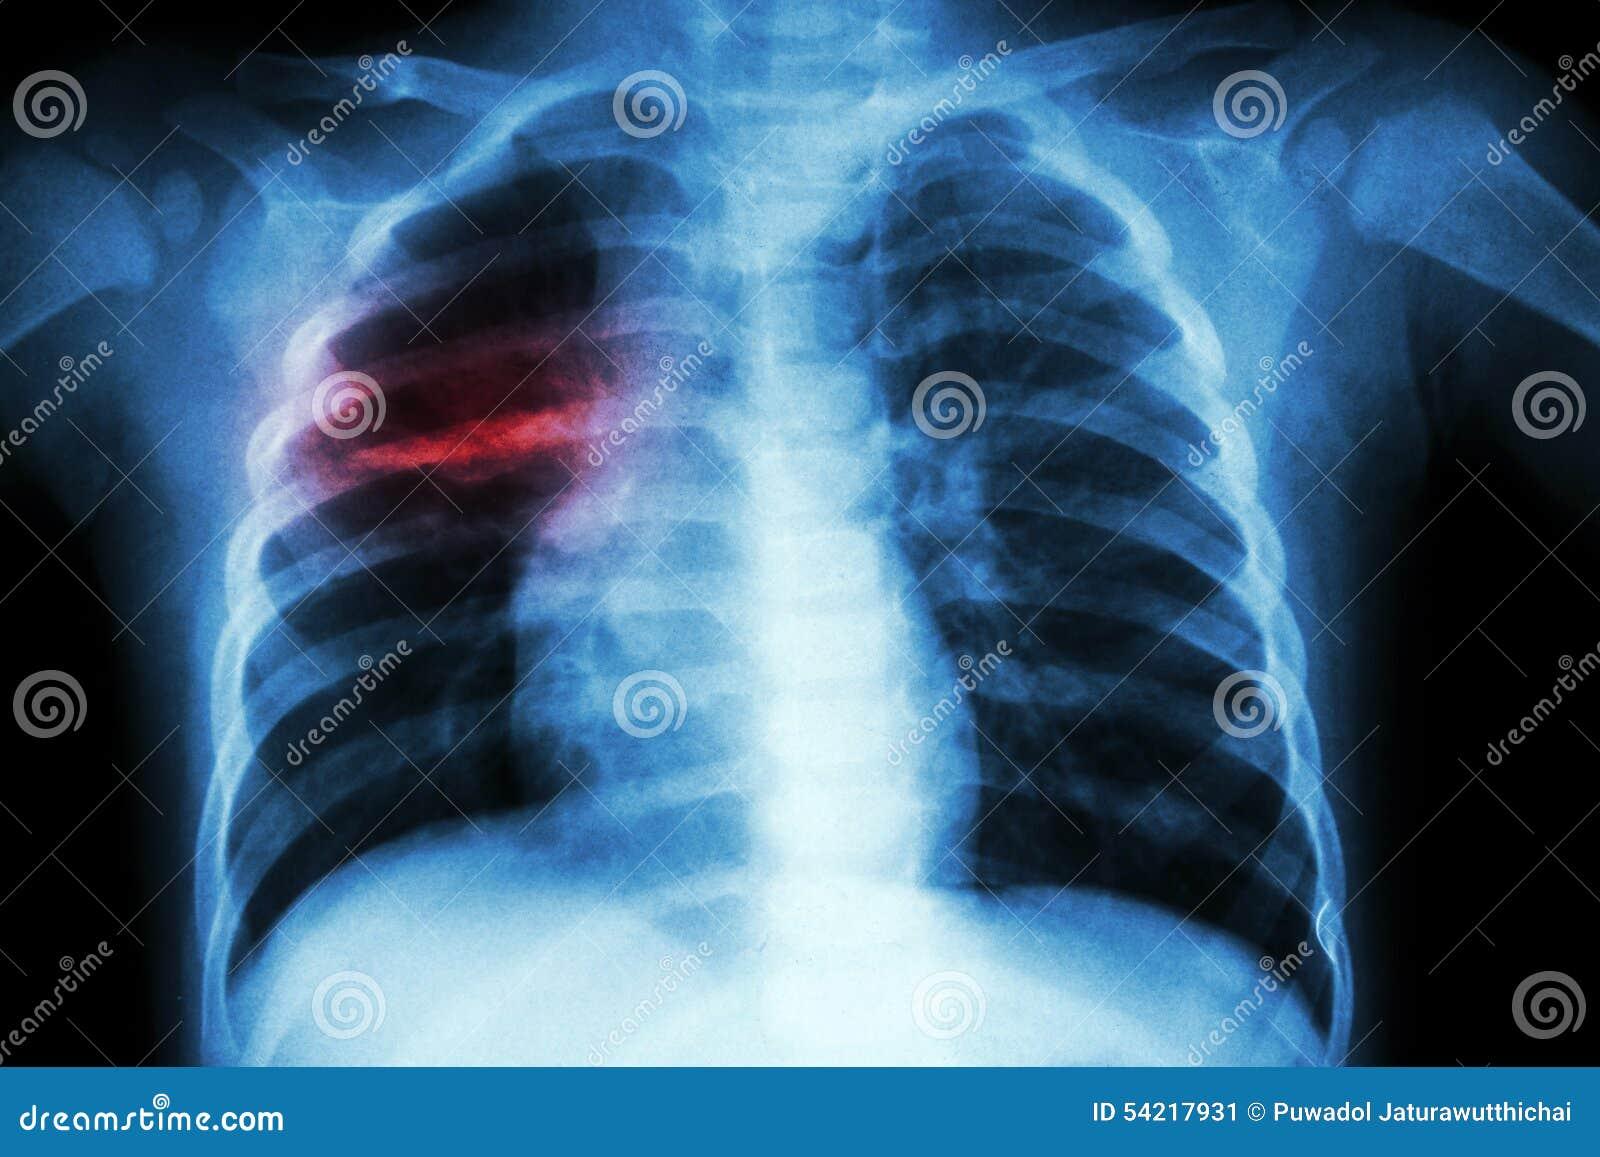 Tuberculosis pulmonar (radiografía del pecho del niño: muestre la infiltración desigual en el pulmón medio derecho)